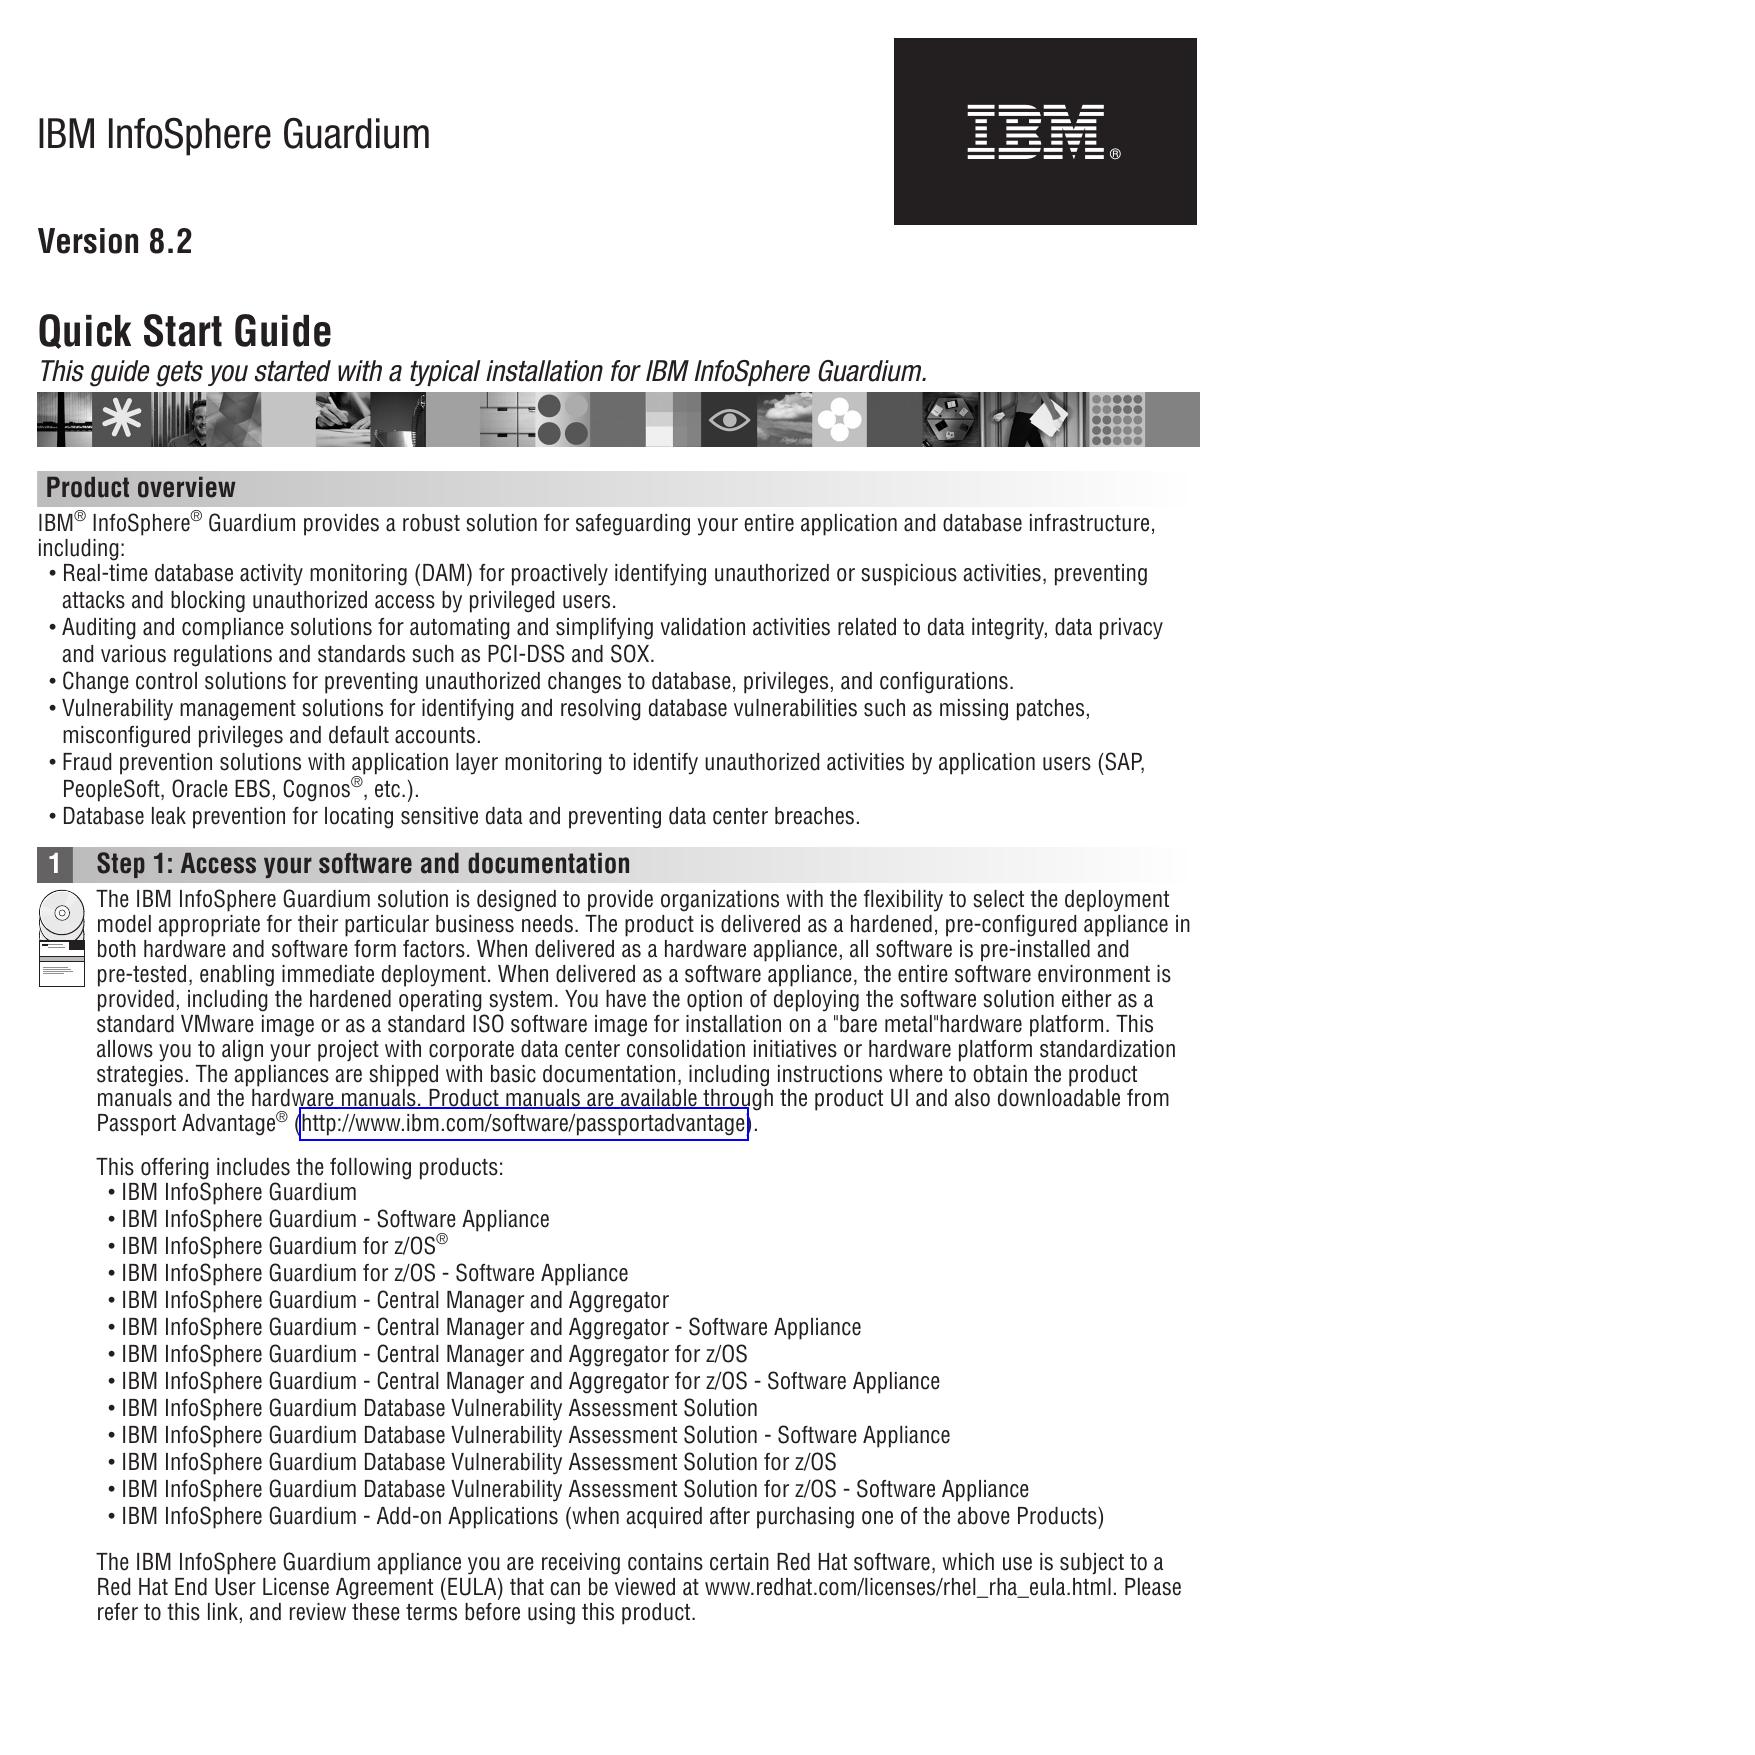 IBM InfoSphere Guardium Quick Start Guide | manualzz com